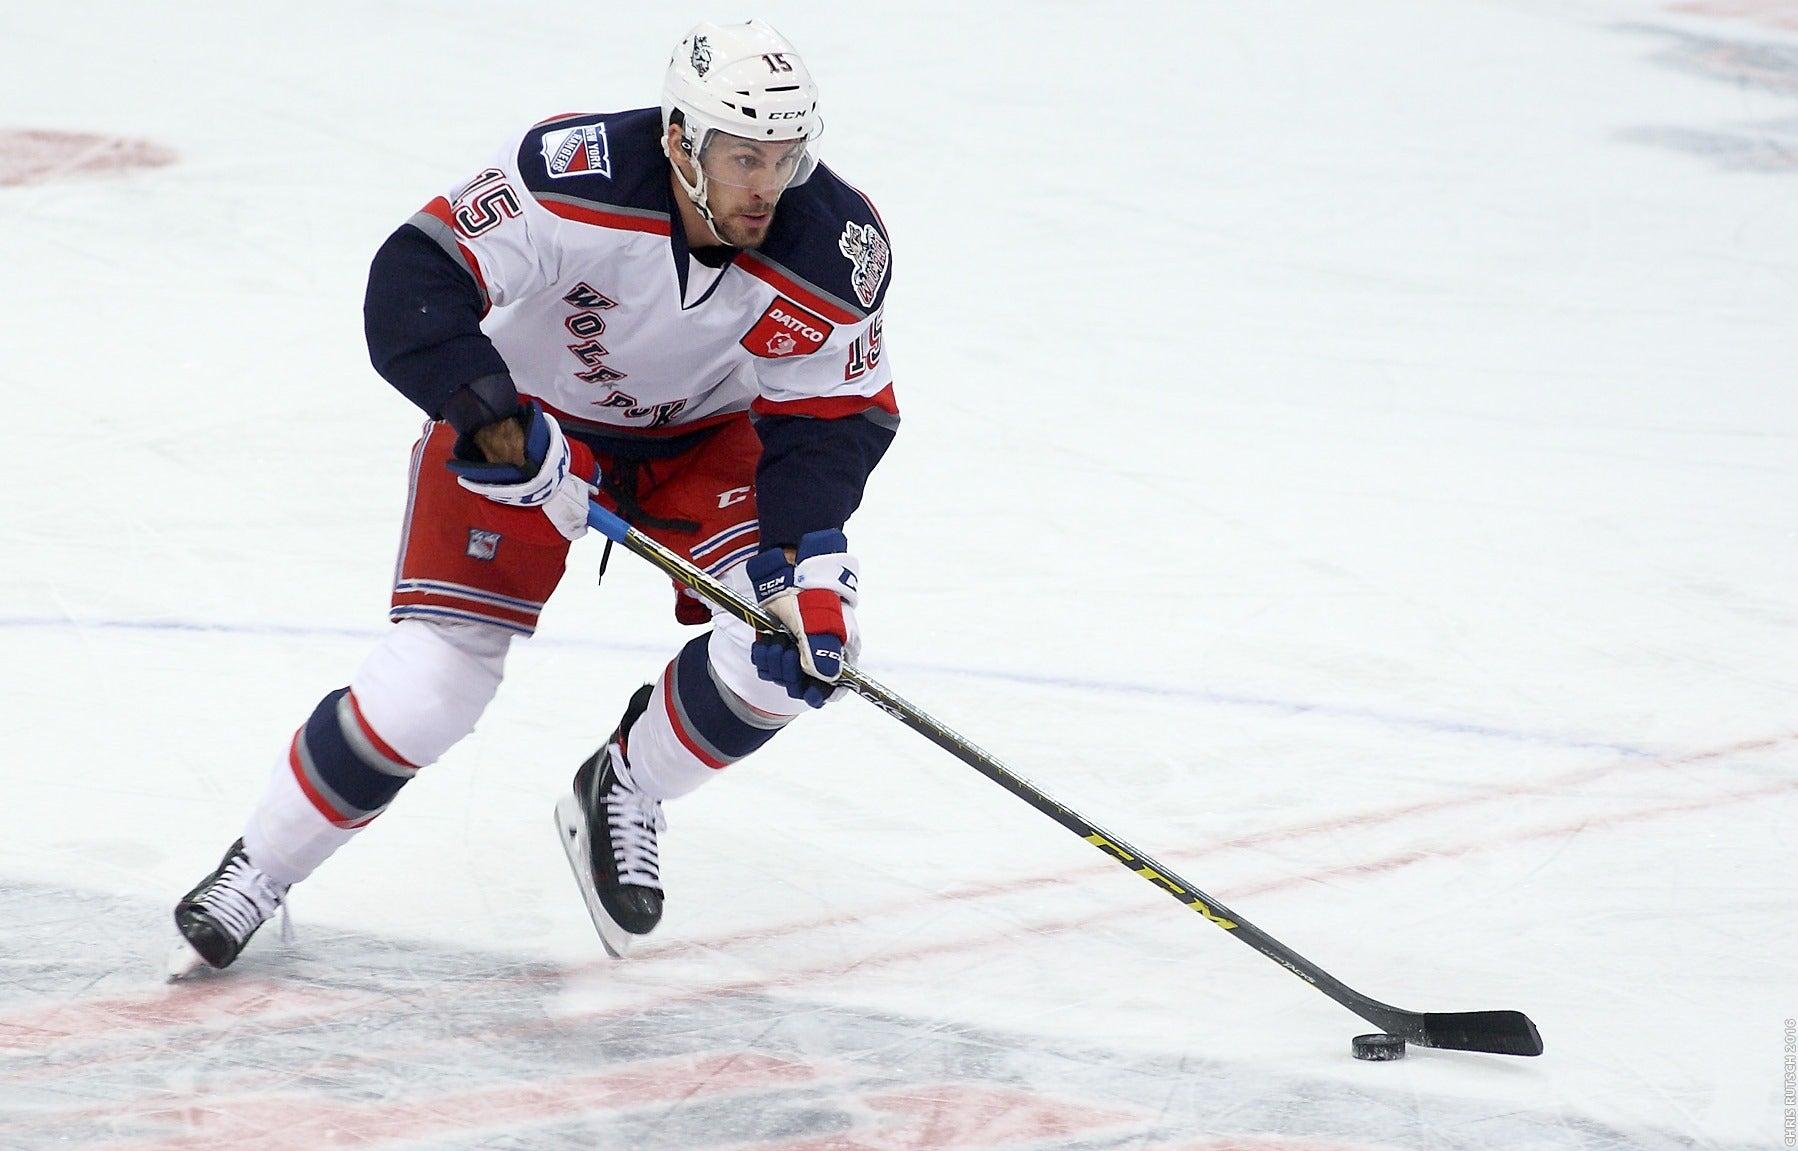 Rangers Recall Hrivik, Assign Daniel Paille